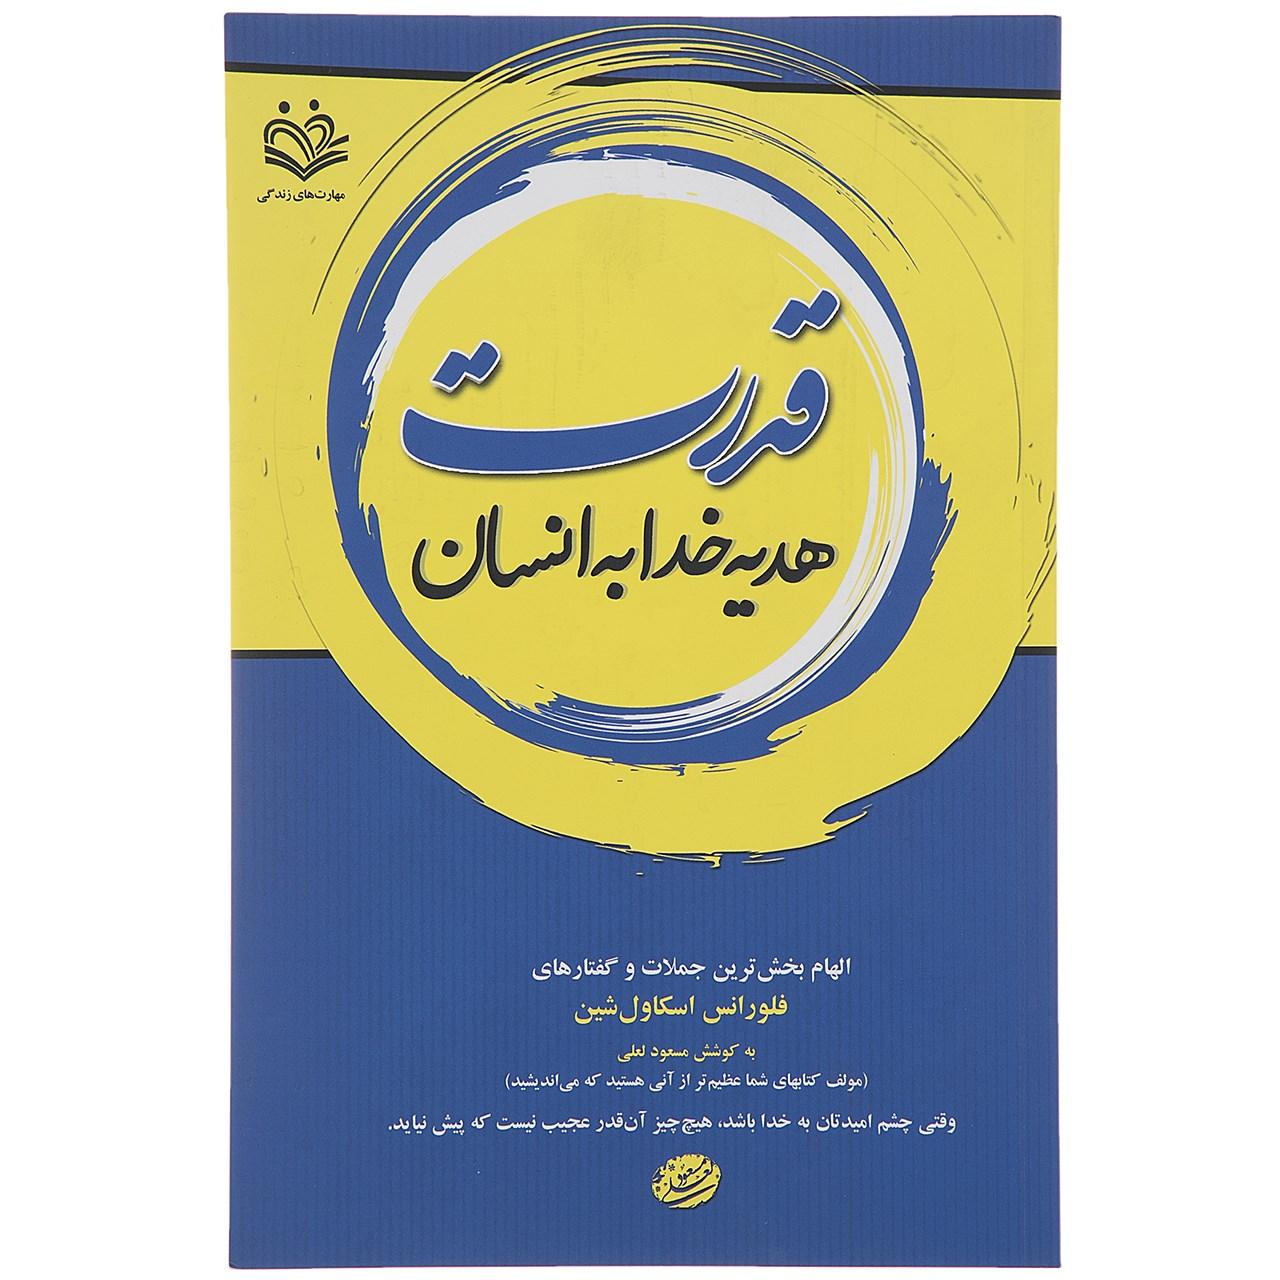 کتاب قدرت هدیه خدا به انسان اثر فلورانس اسکاول شین